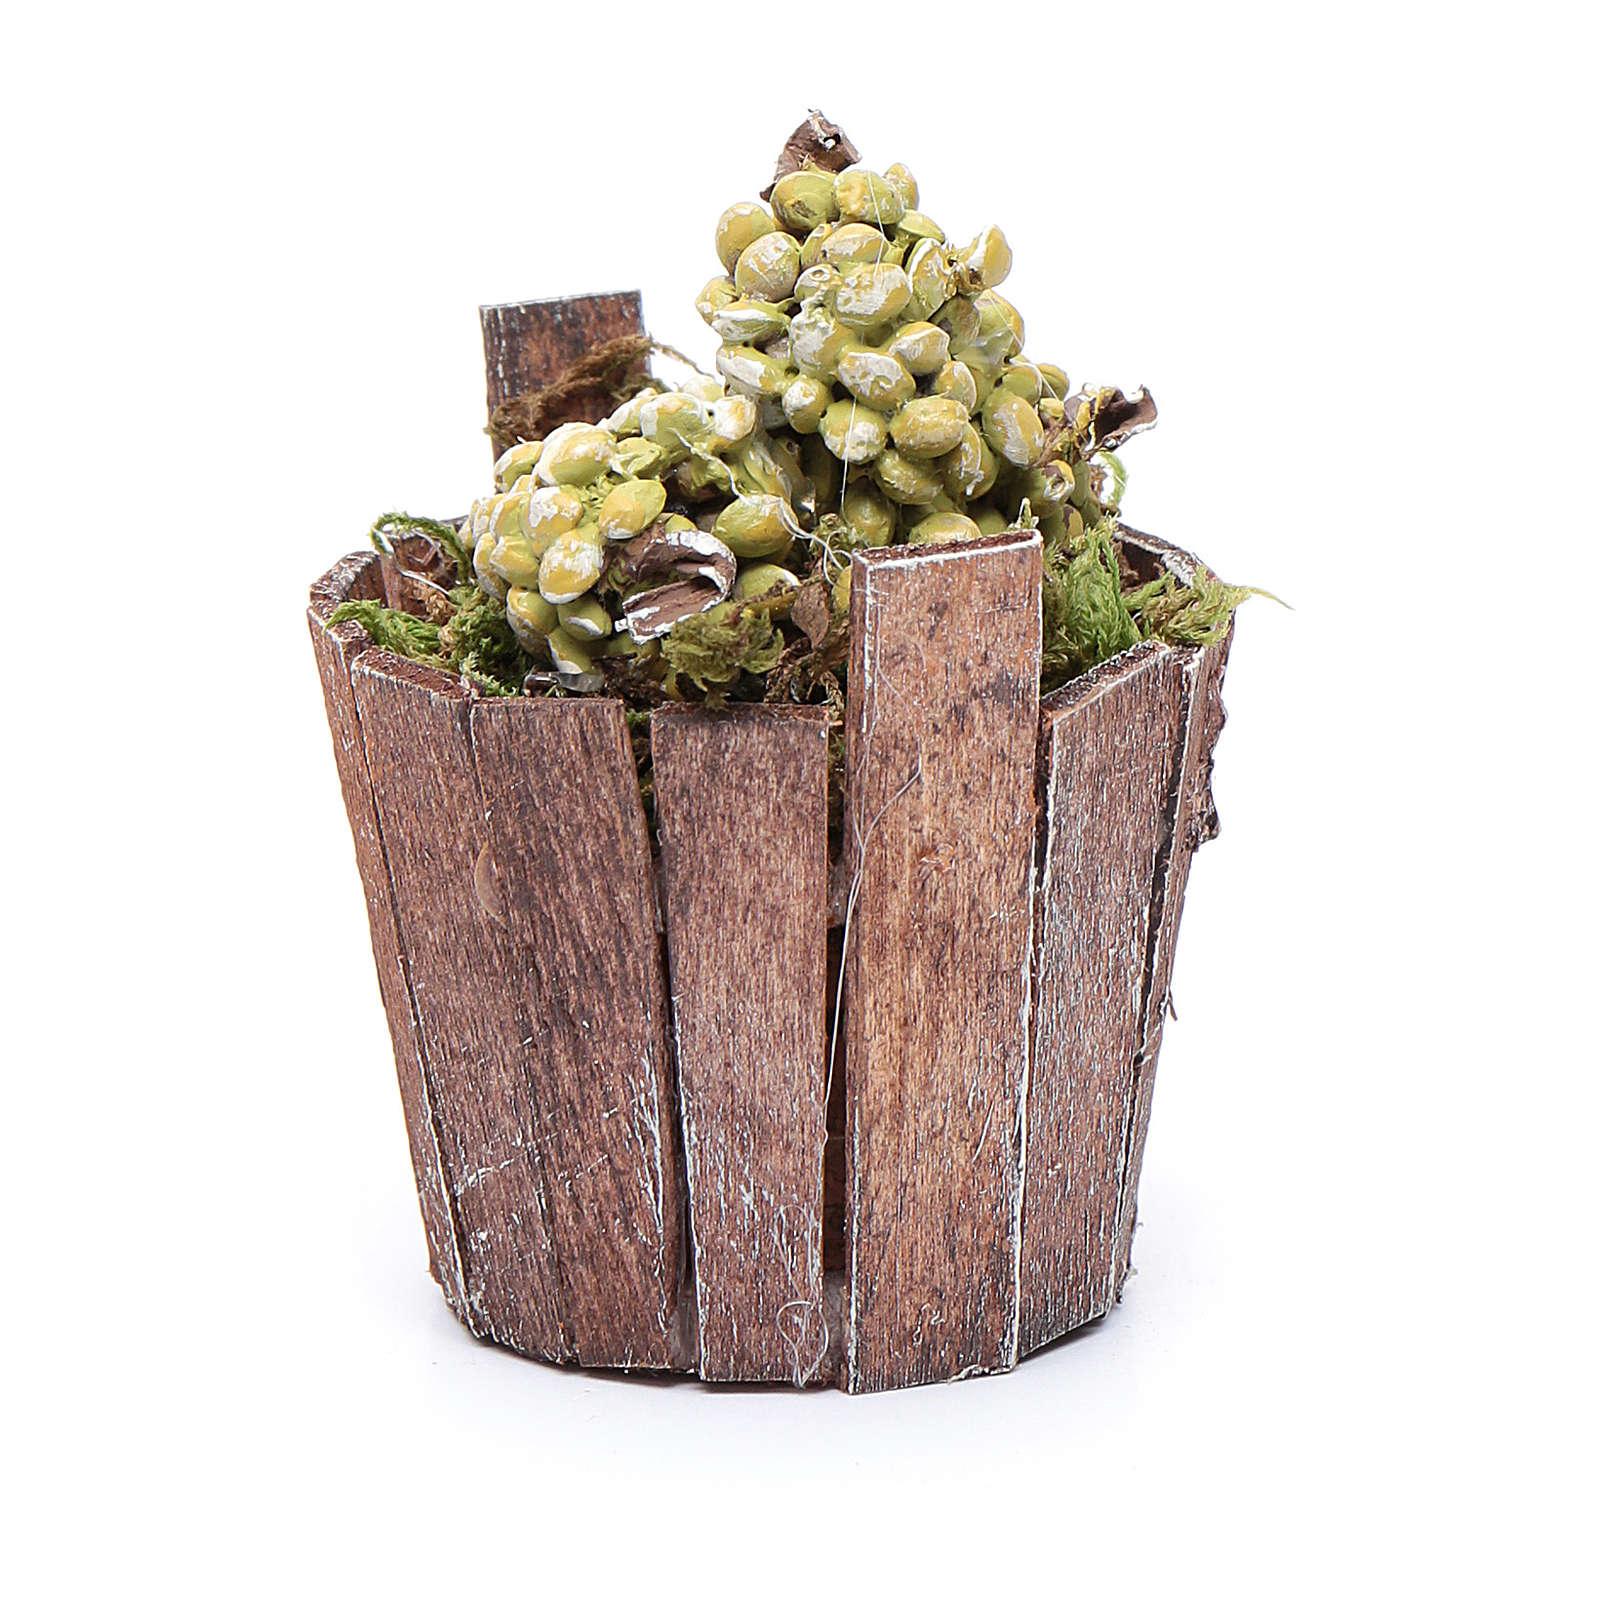 Tina uva verde para belén 7 cm 4